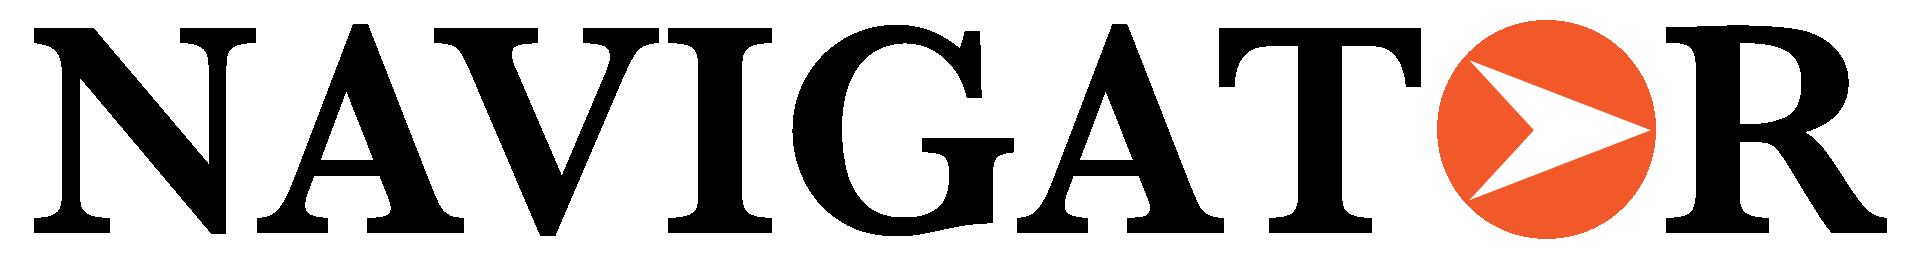 Navigator Logo_Main Logo.png